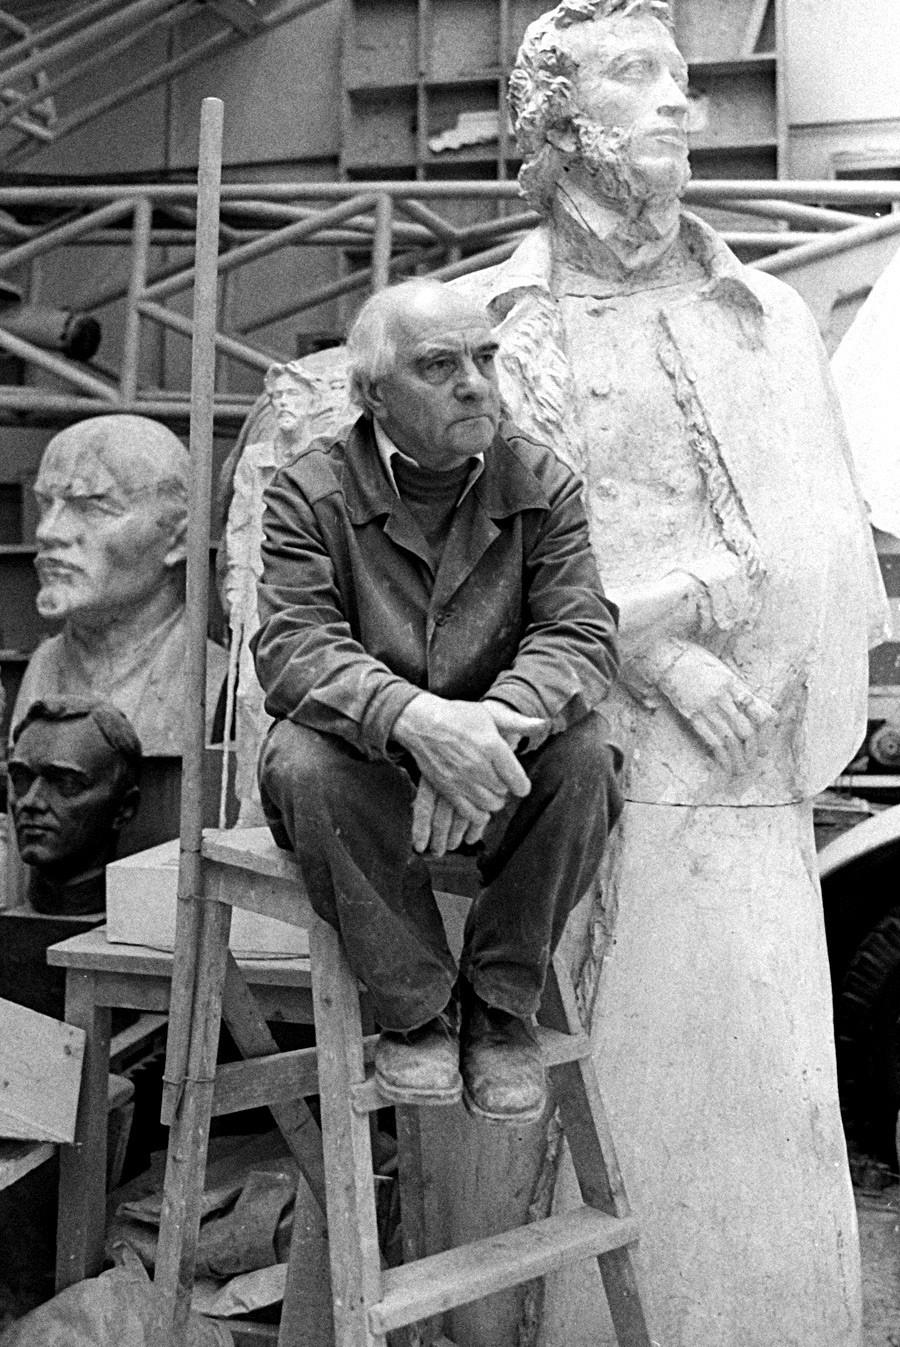 Grigori Postnikov